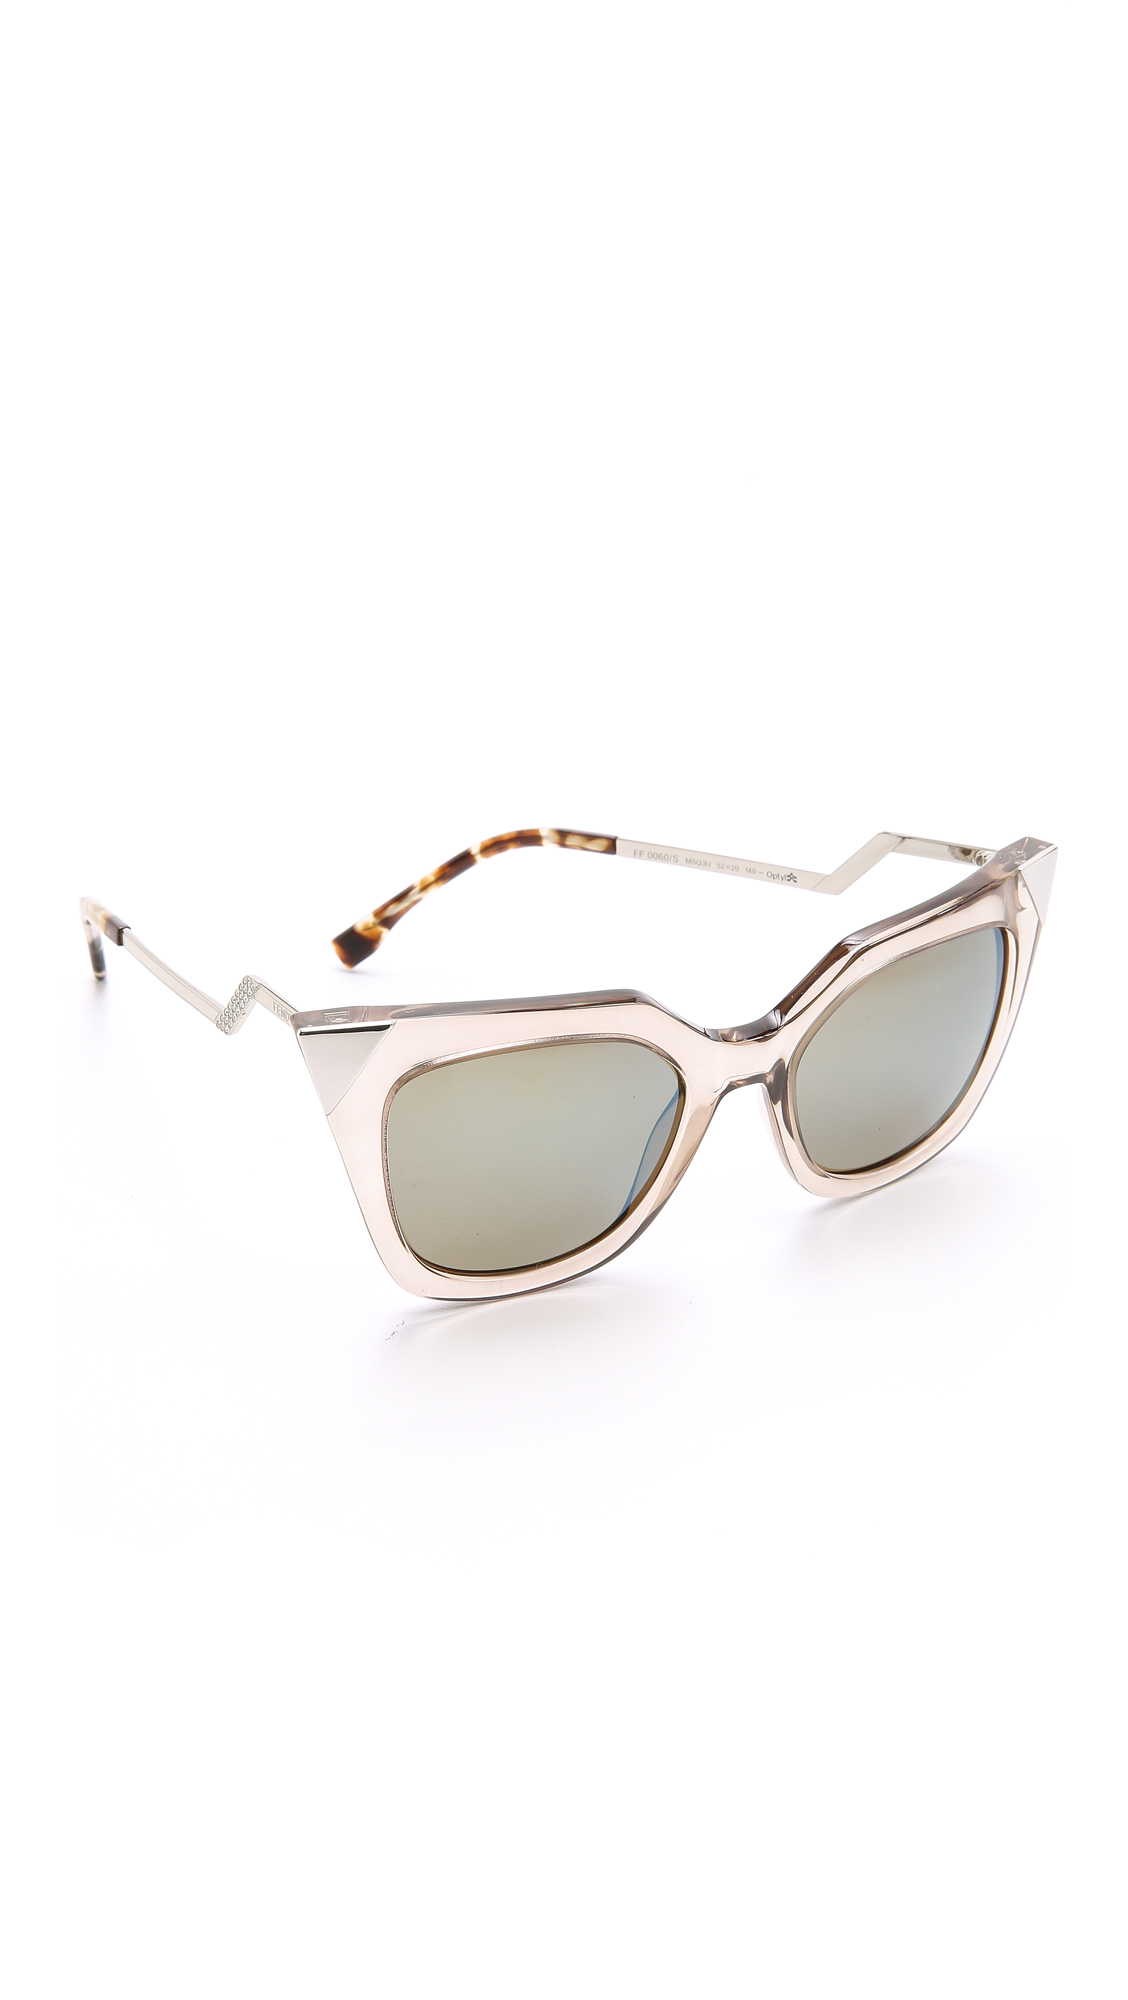 405c3cf46ee Lyst - Fendi Iridia Corner Accent Sunglasses in Gray